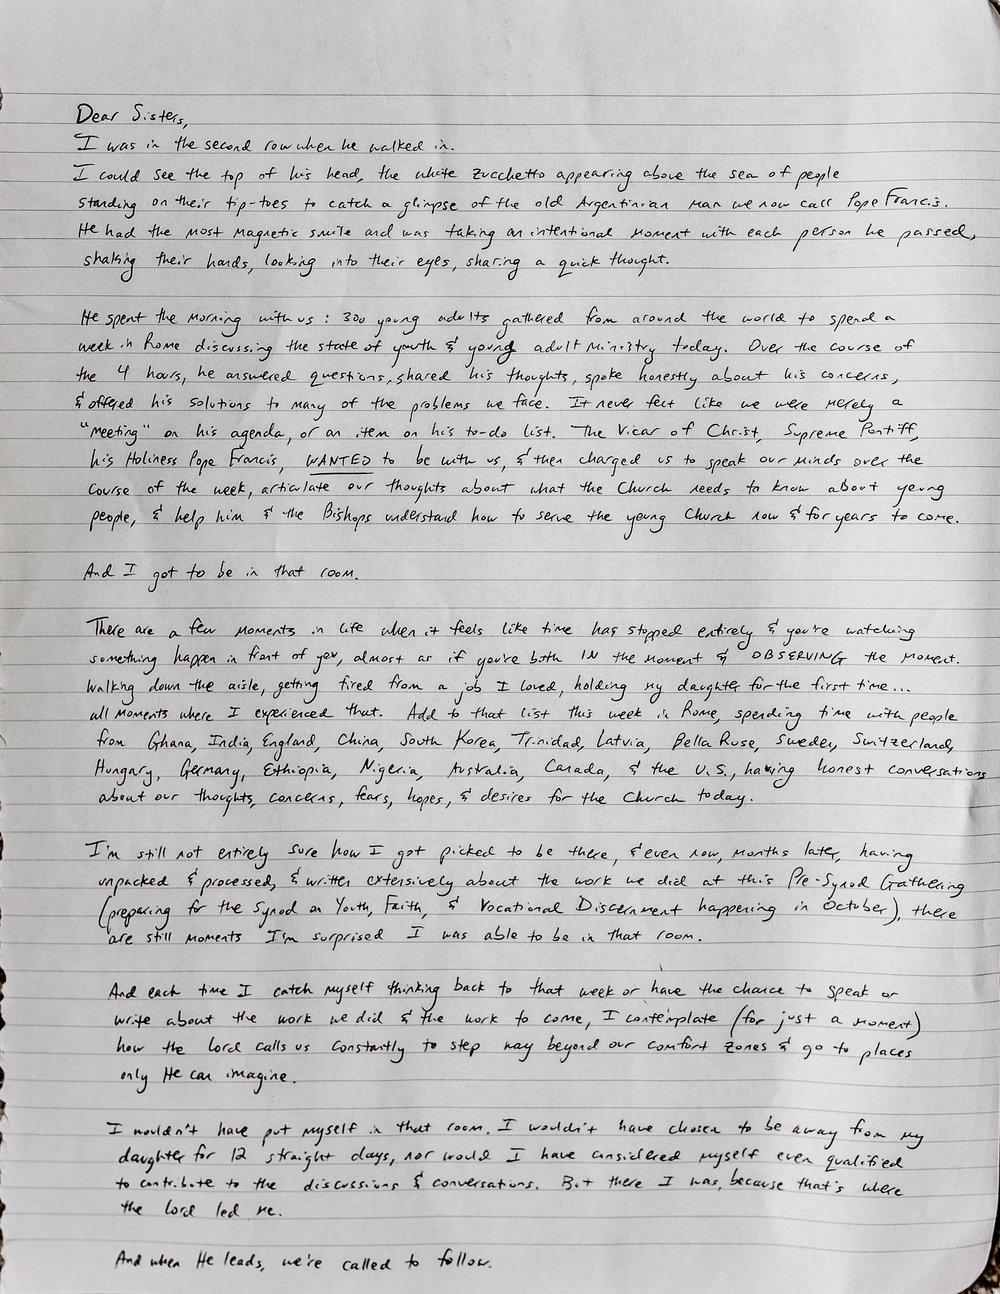 letters-to-women-1.jpg